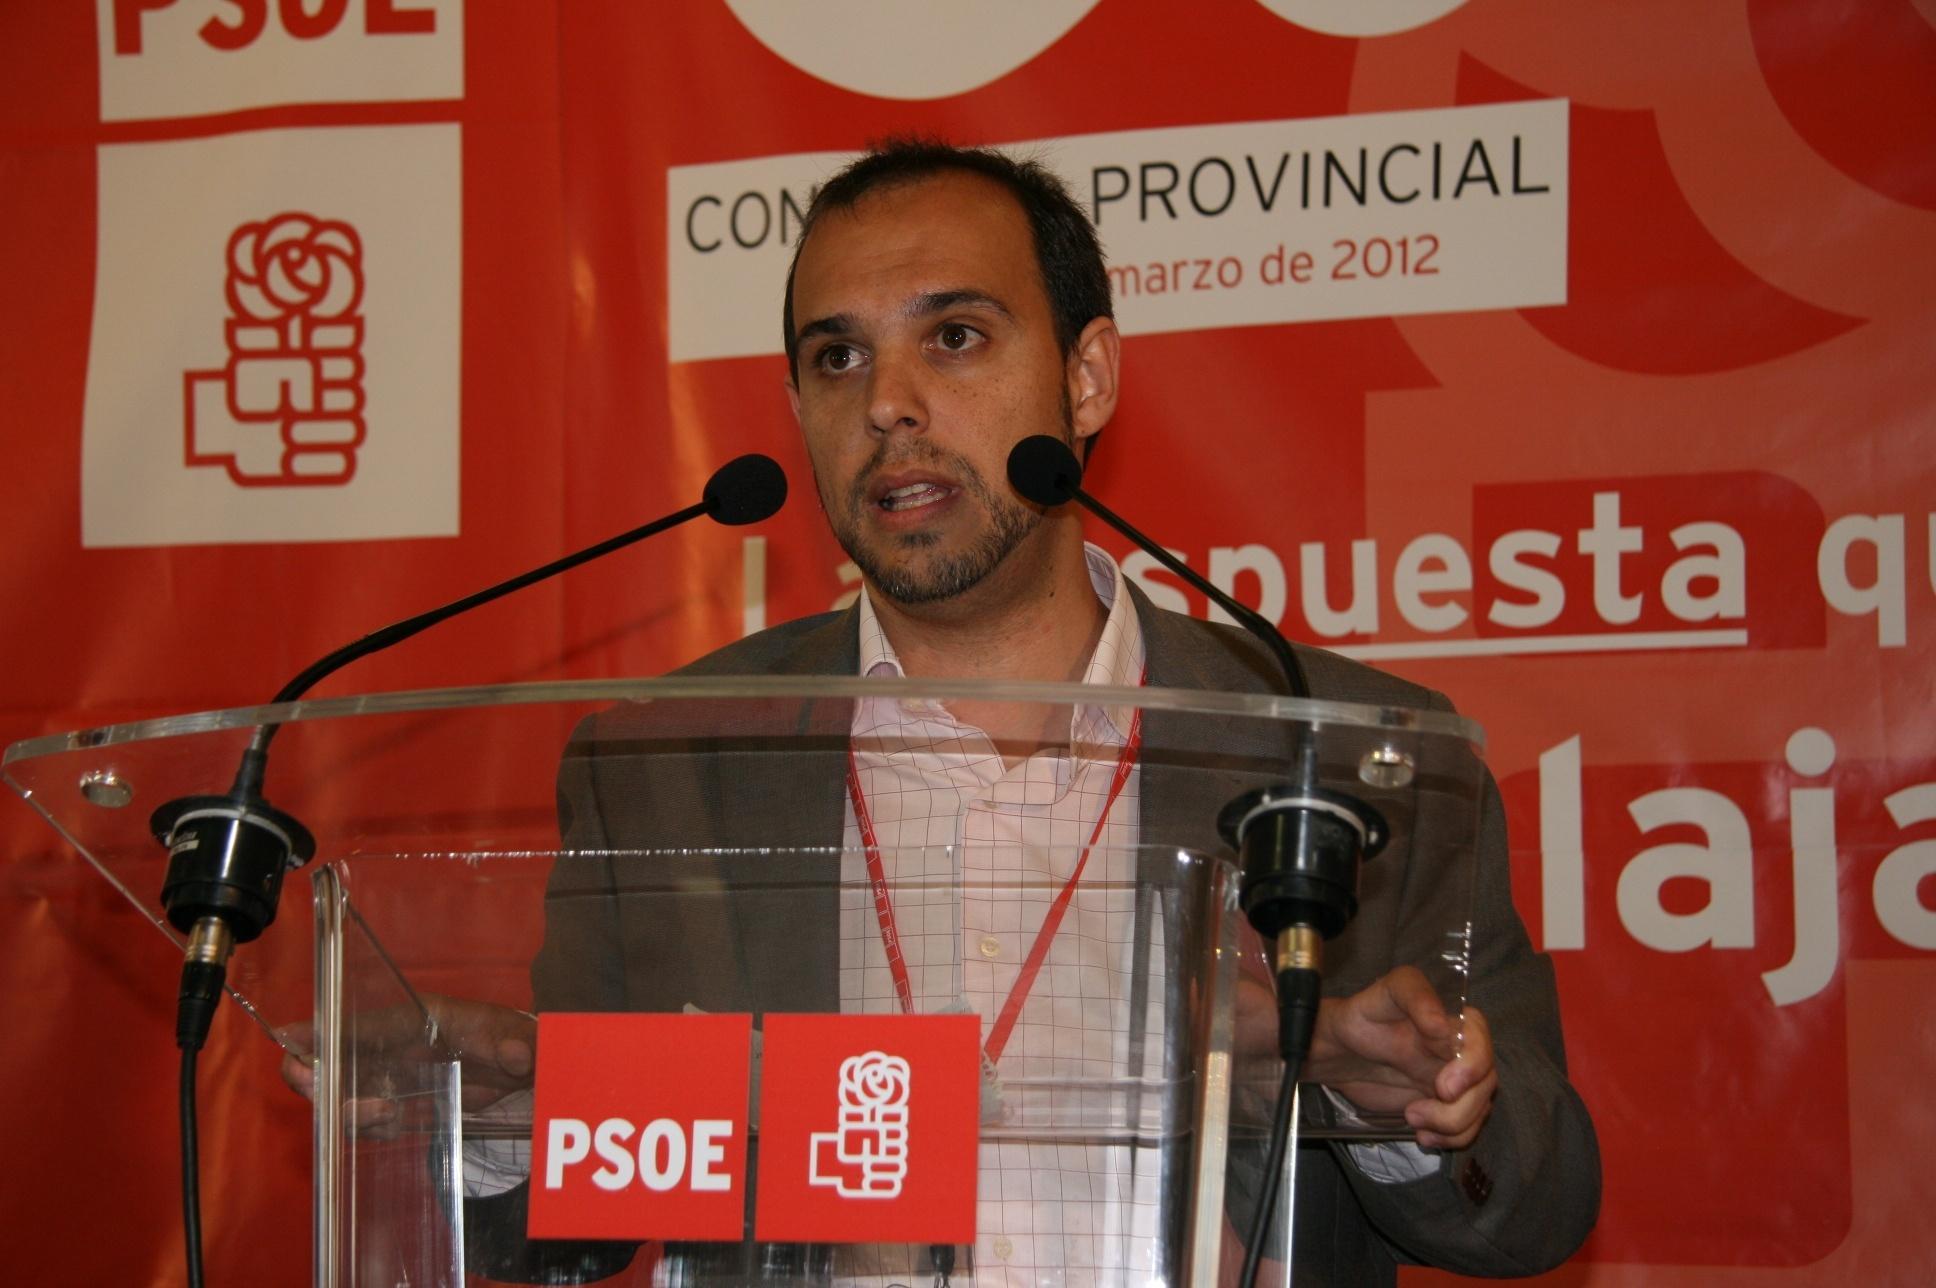 PSOE critica la «celebración» del PP este domingo, donde «no se habló de la tragedia del desempleo, que creció un 35%»